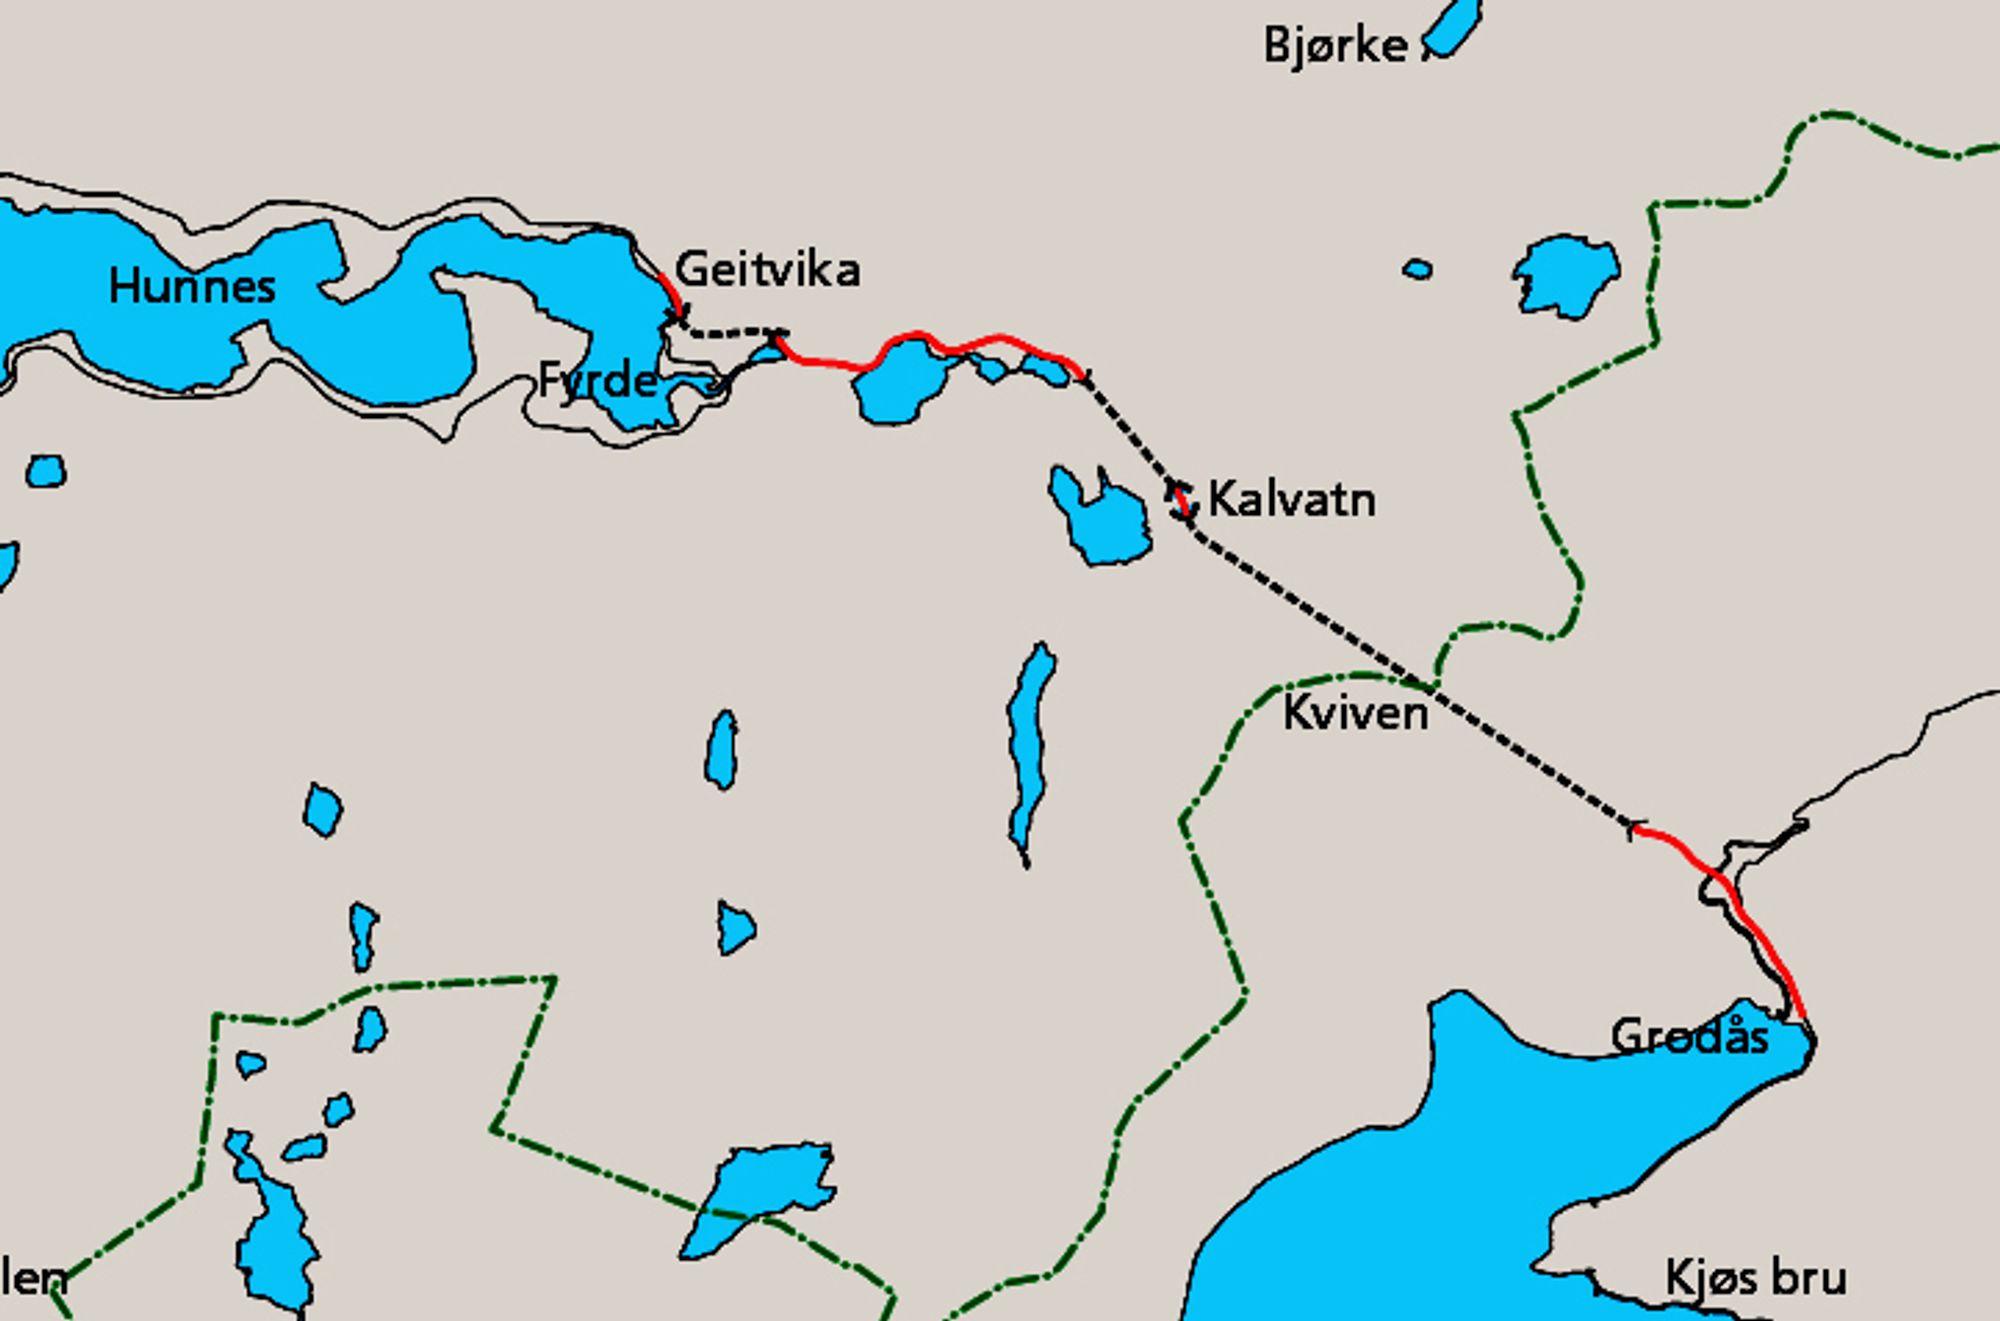 Alle de tre tunnelene ligger vest for den 6,5 km lange Kvivstunnelen, som blir den klart lengste på prosjektet.